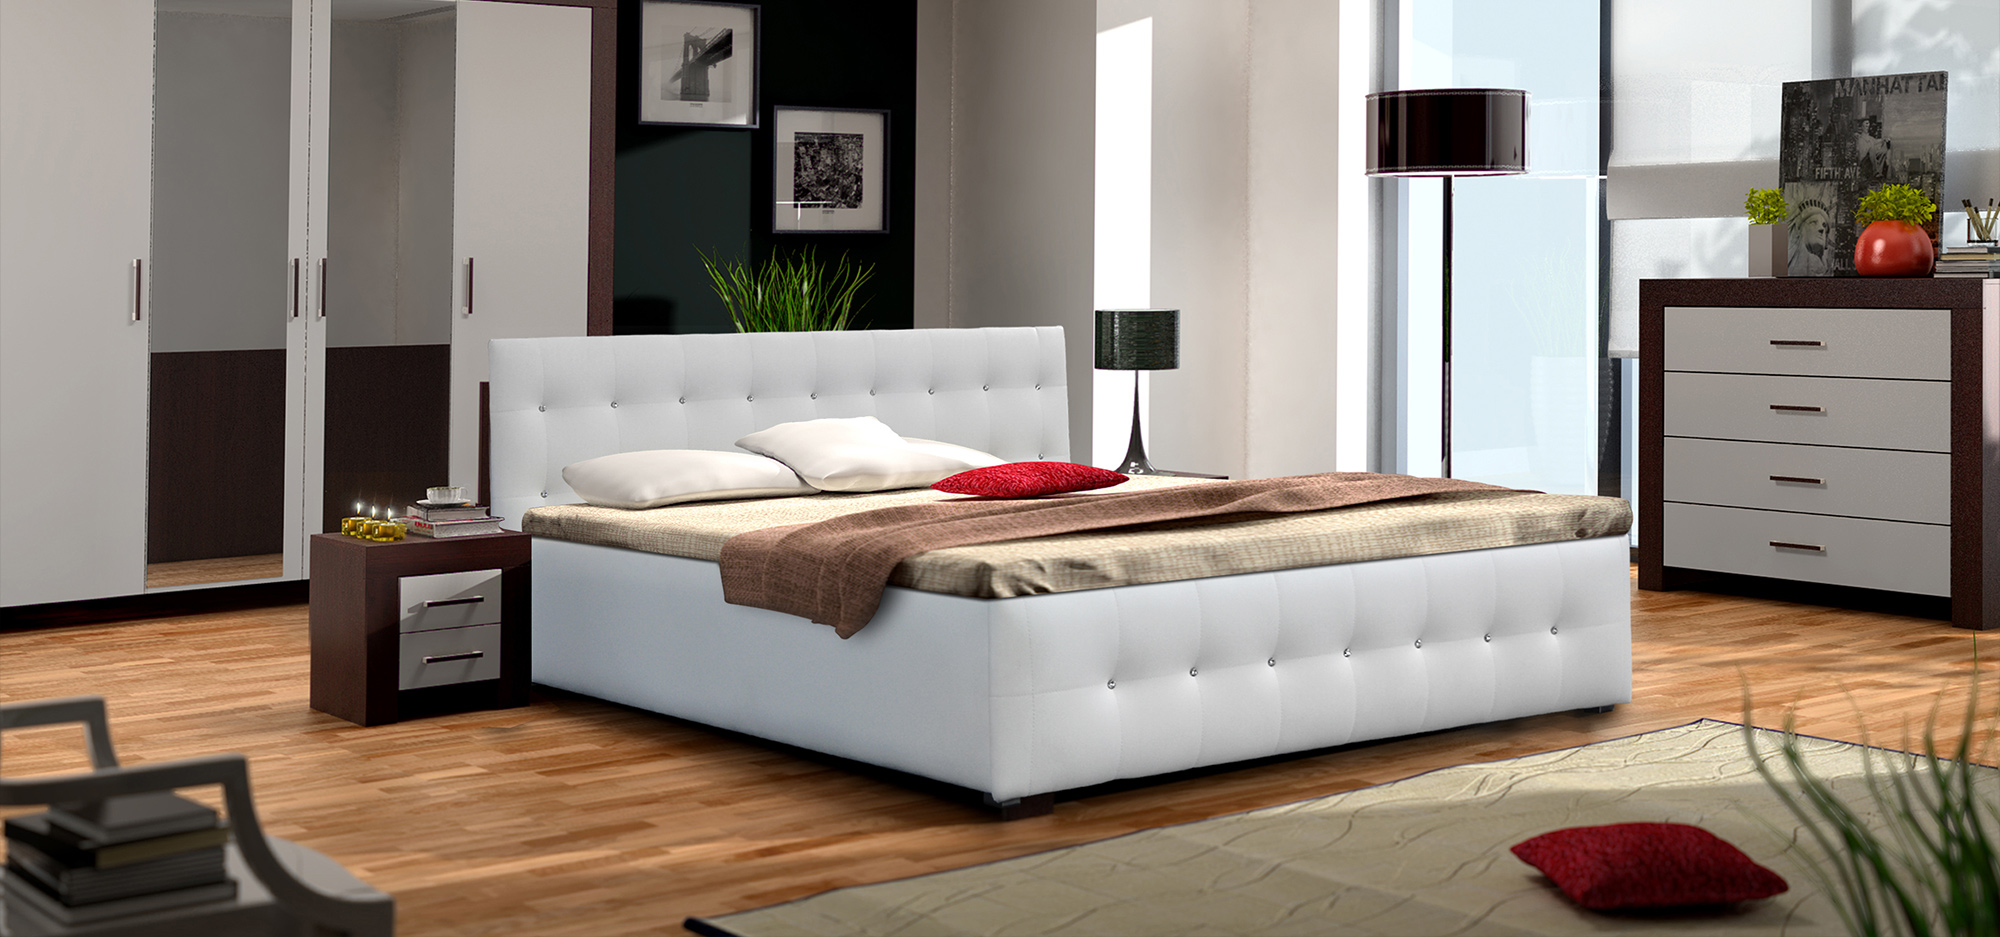 online einkaufen in polen 10 interessante online shops einkaufen im ausland online. Black Bedroom Furniture Sets. Home Design Ideas